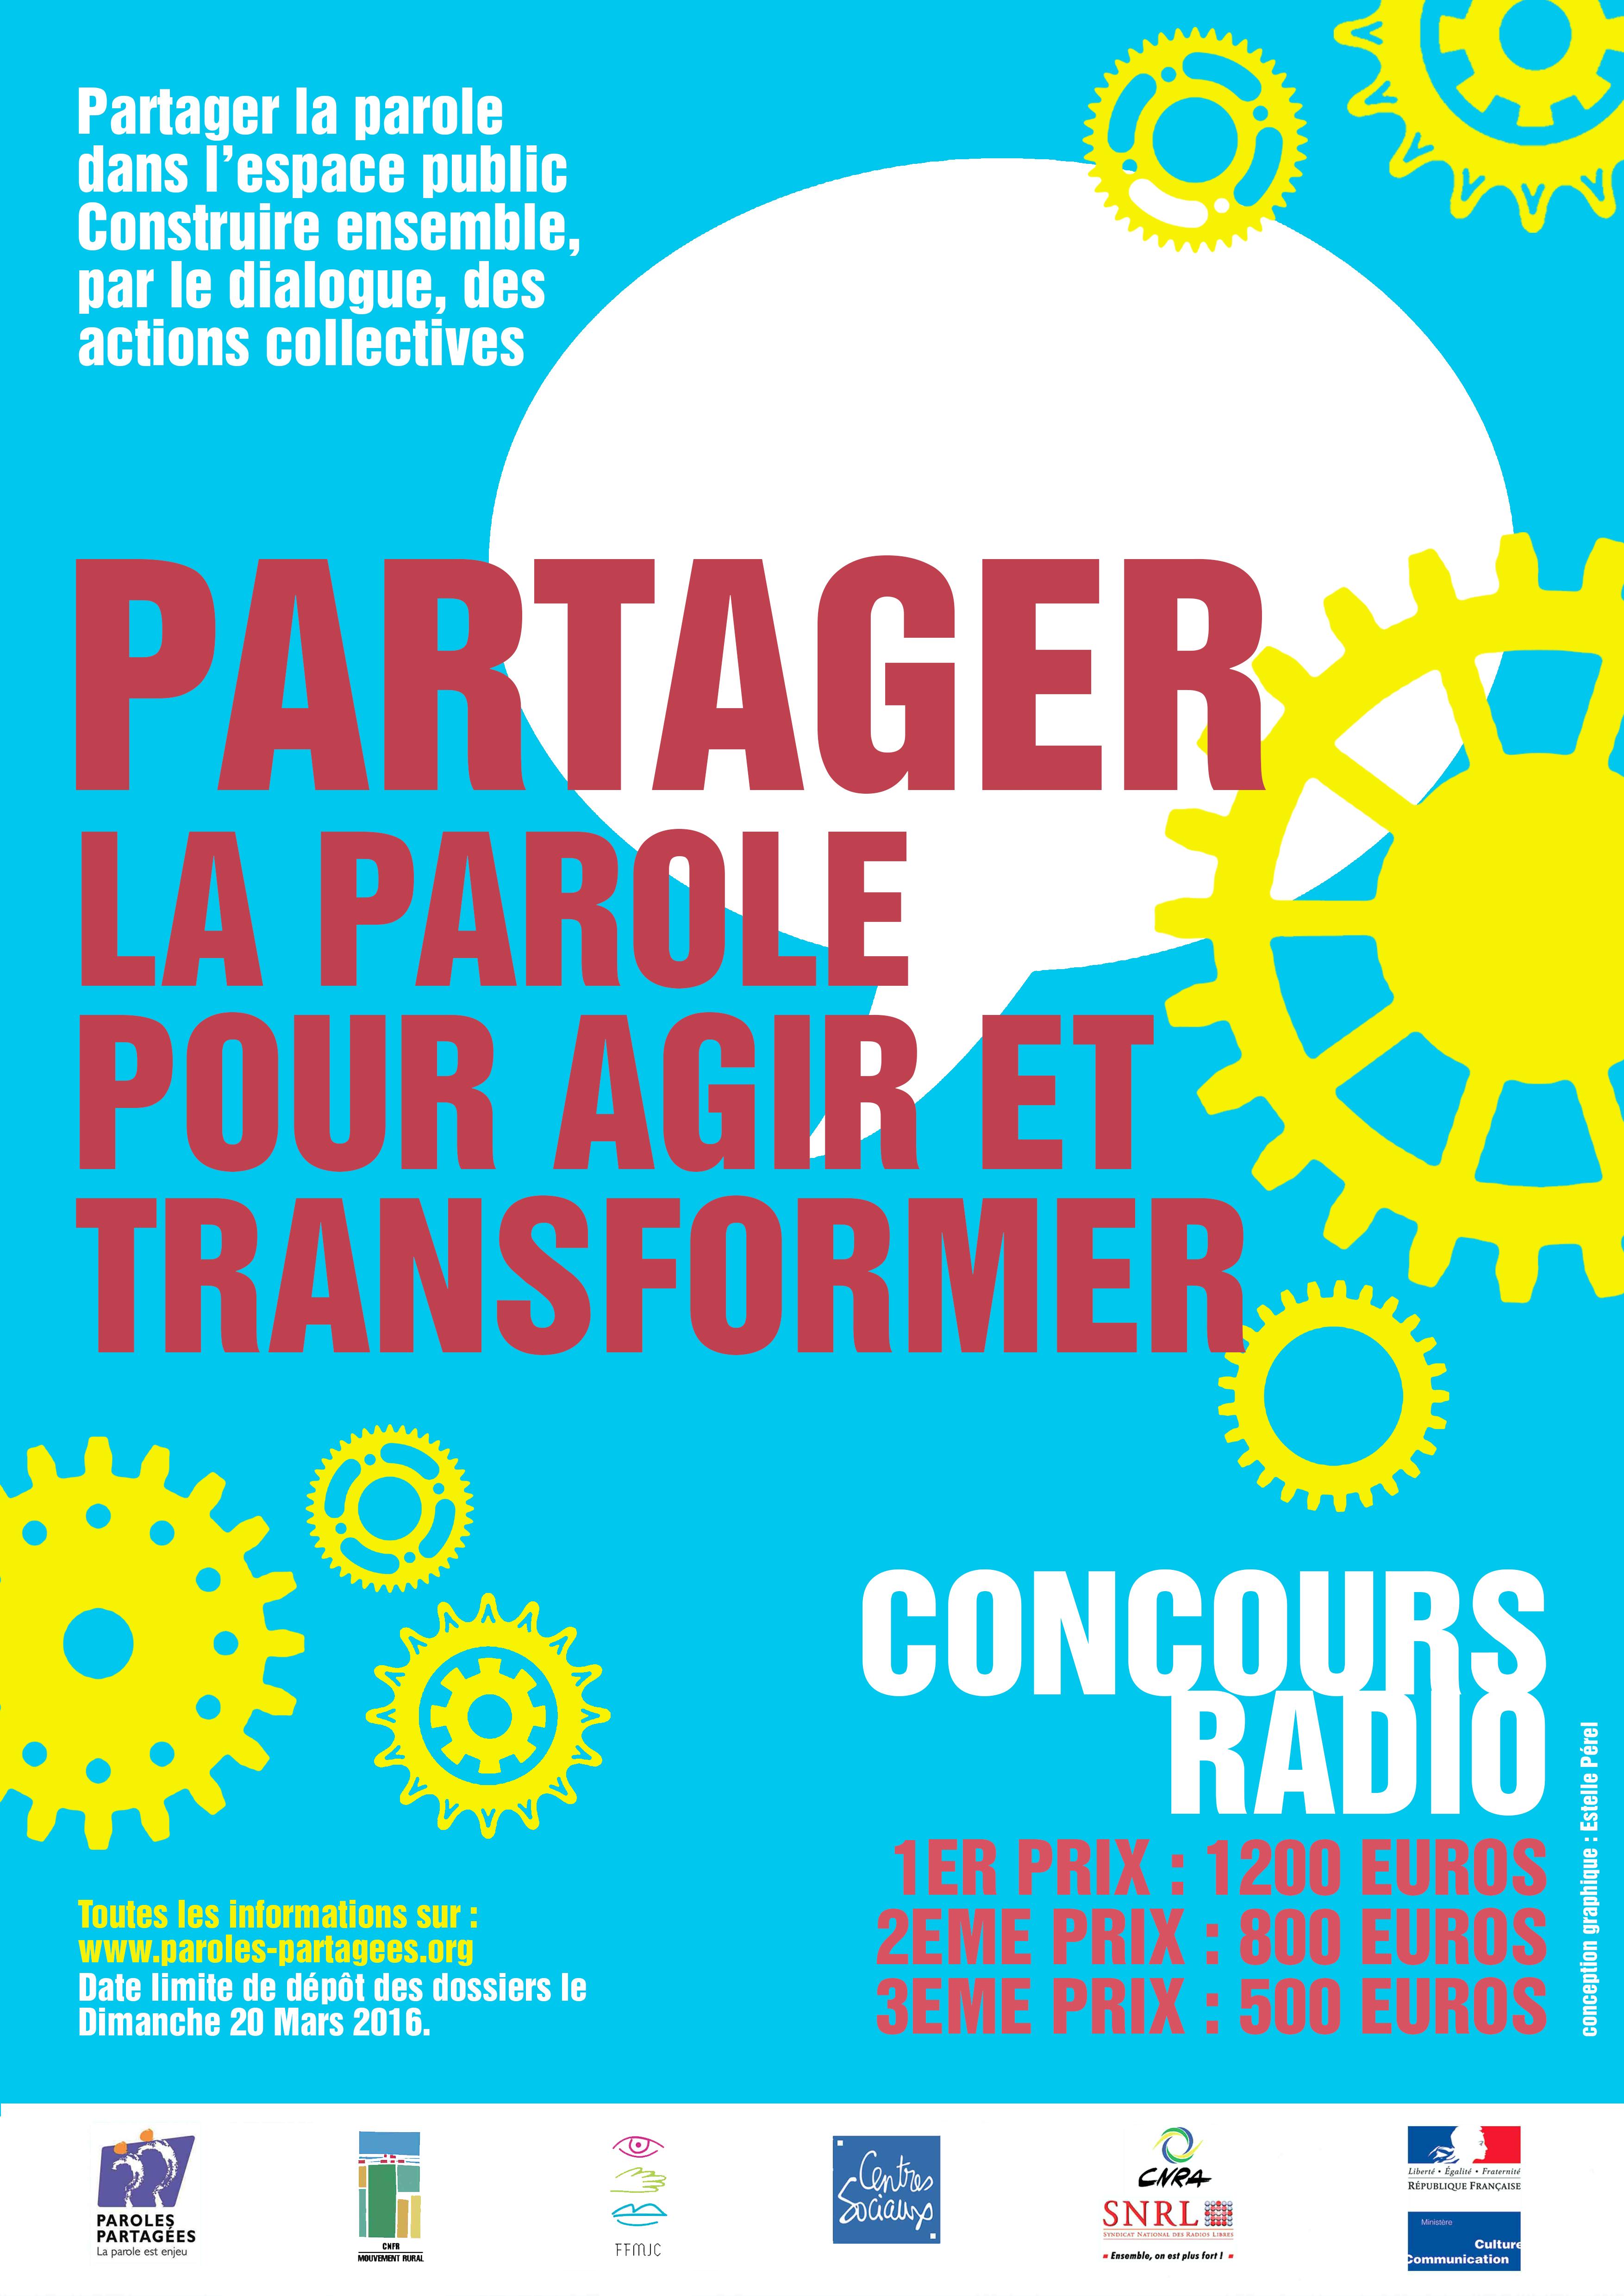 [Date limite de dépôt des dossiers repoussée] Concours radio du collectif Paroles Partagées